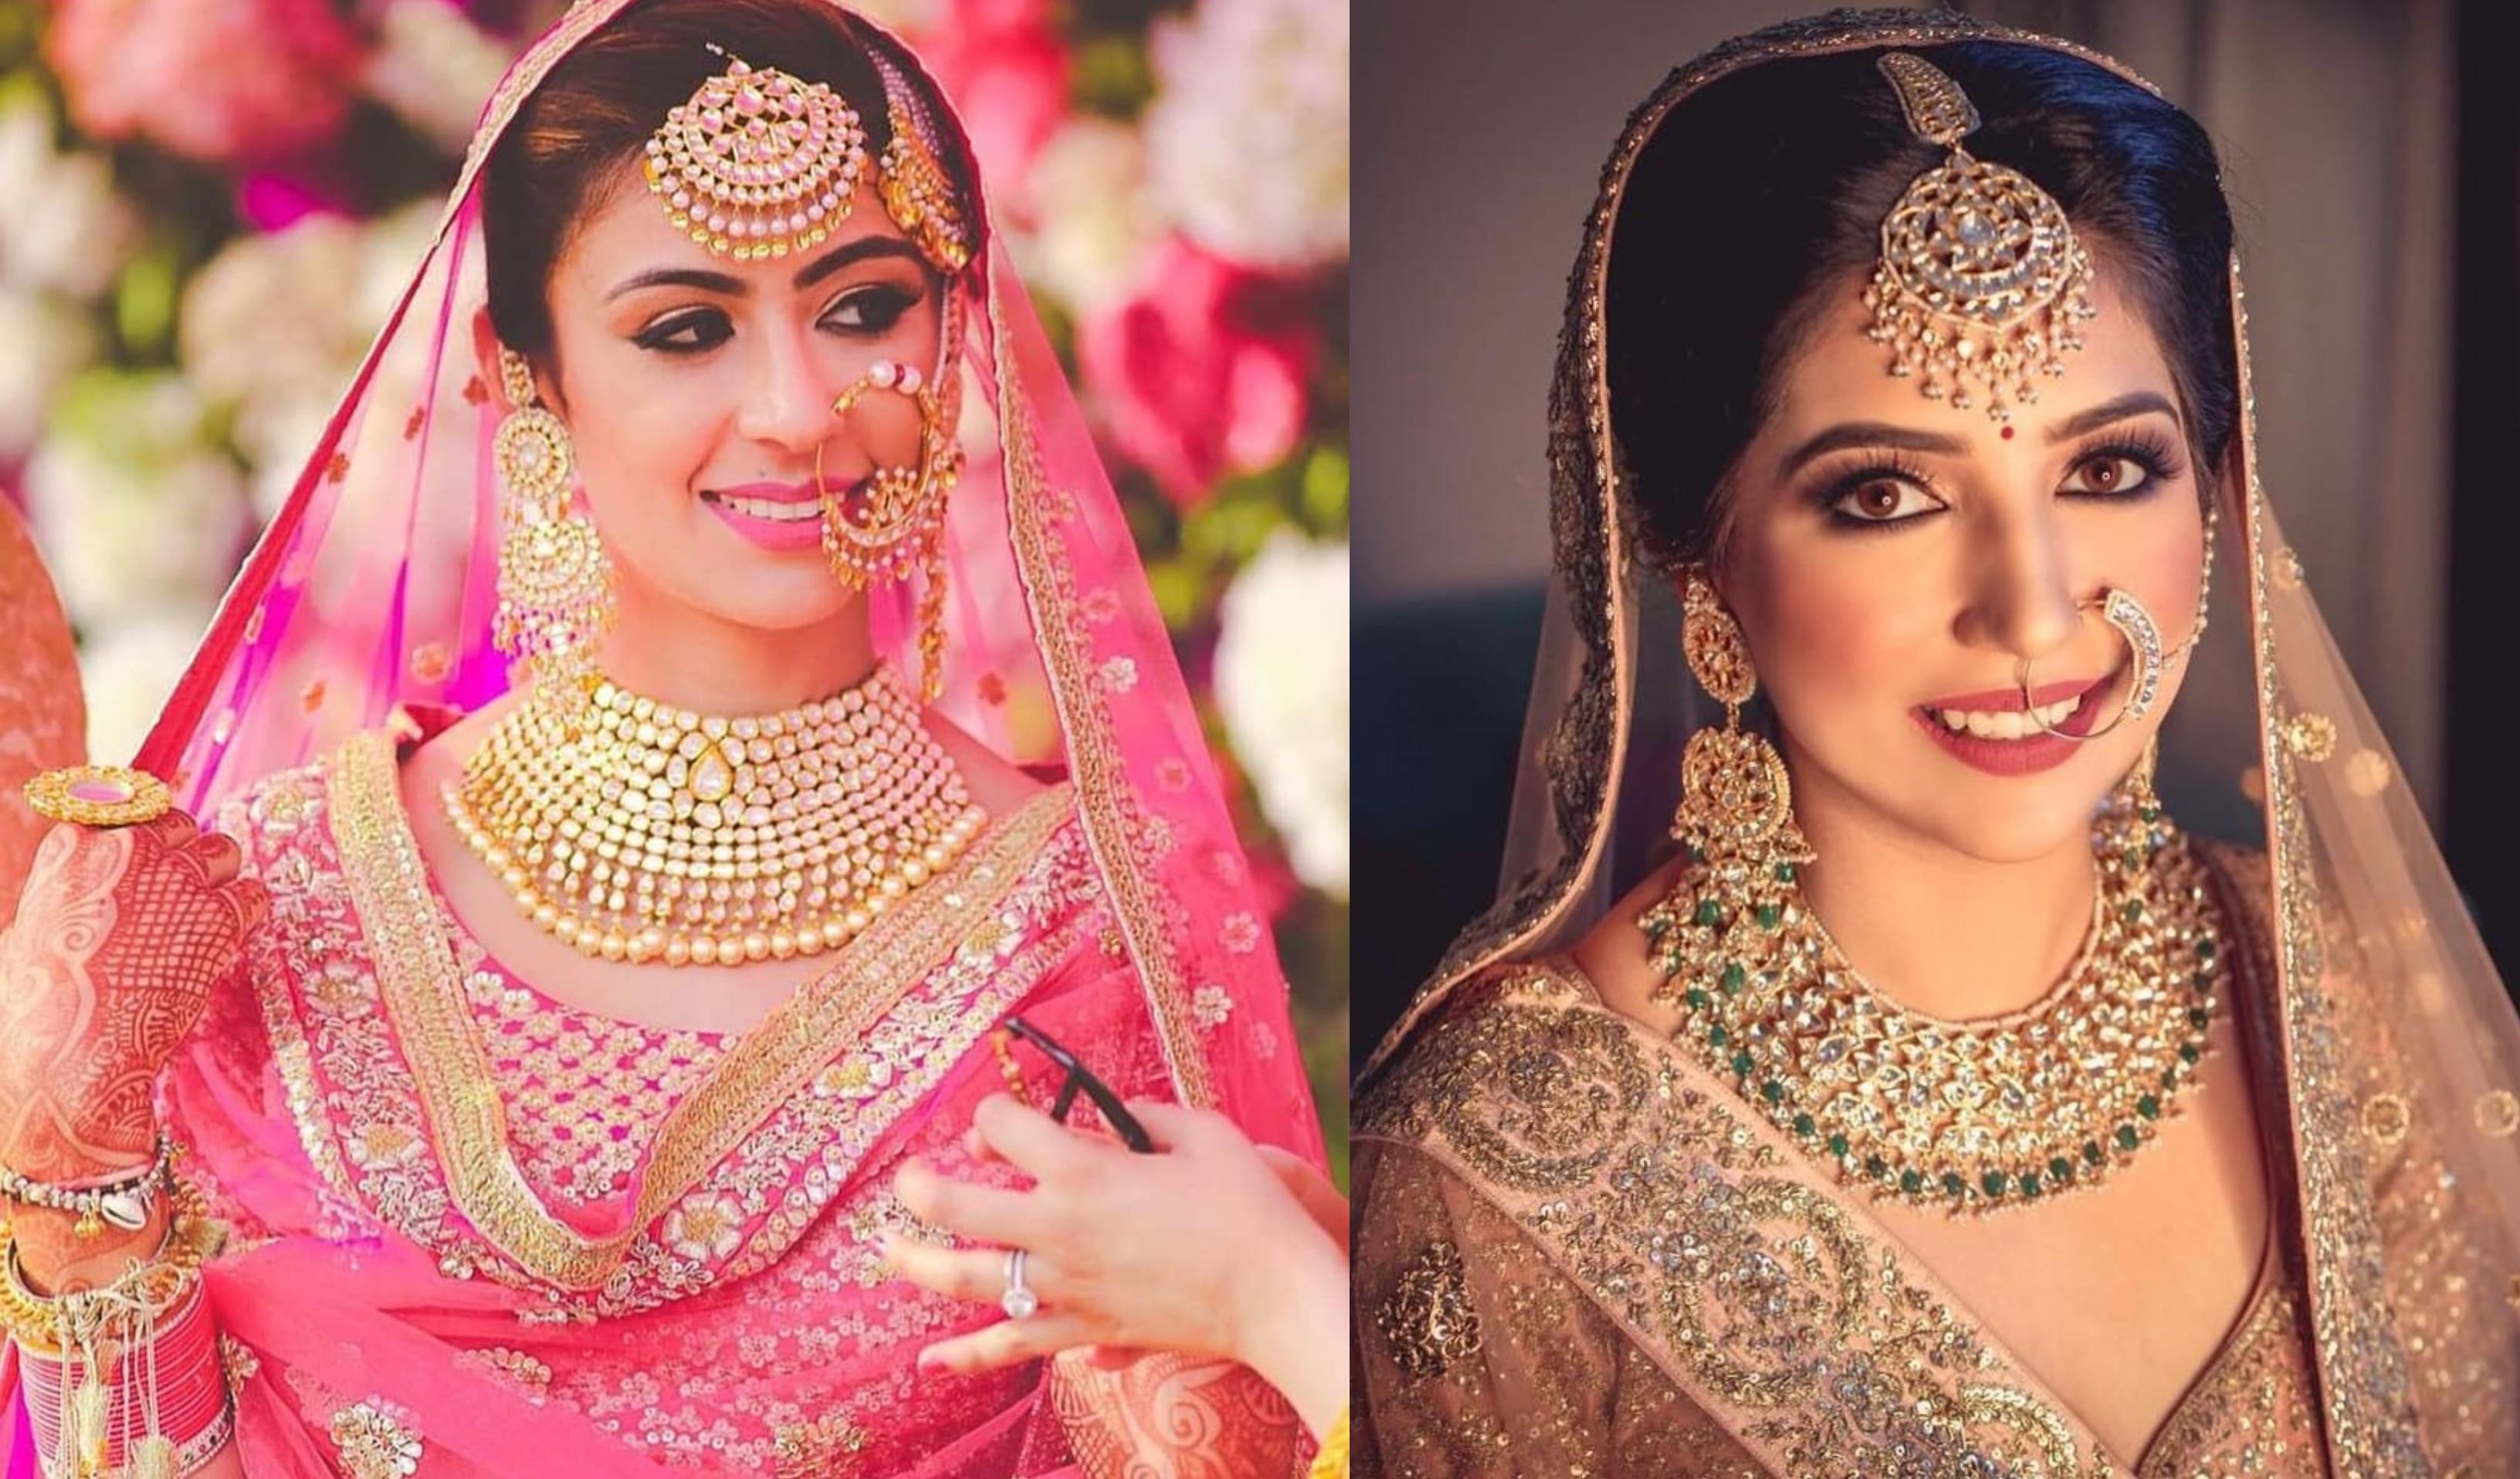 Maang Tikka Designs worn by Real Brides